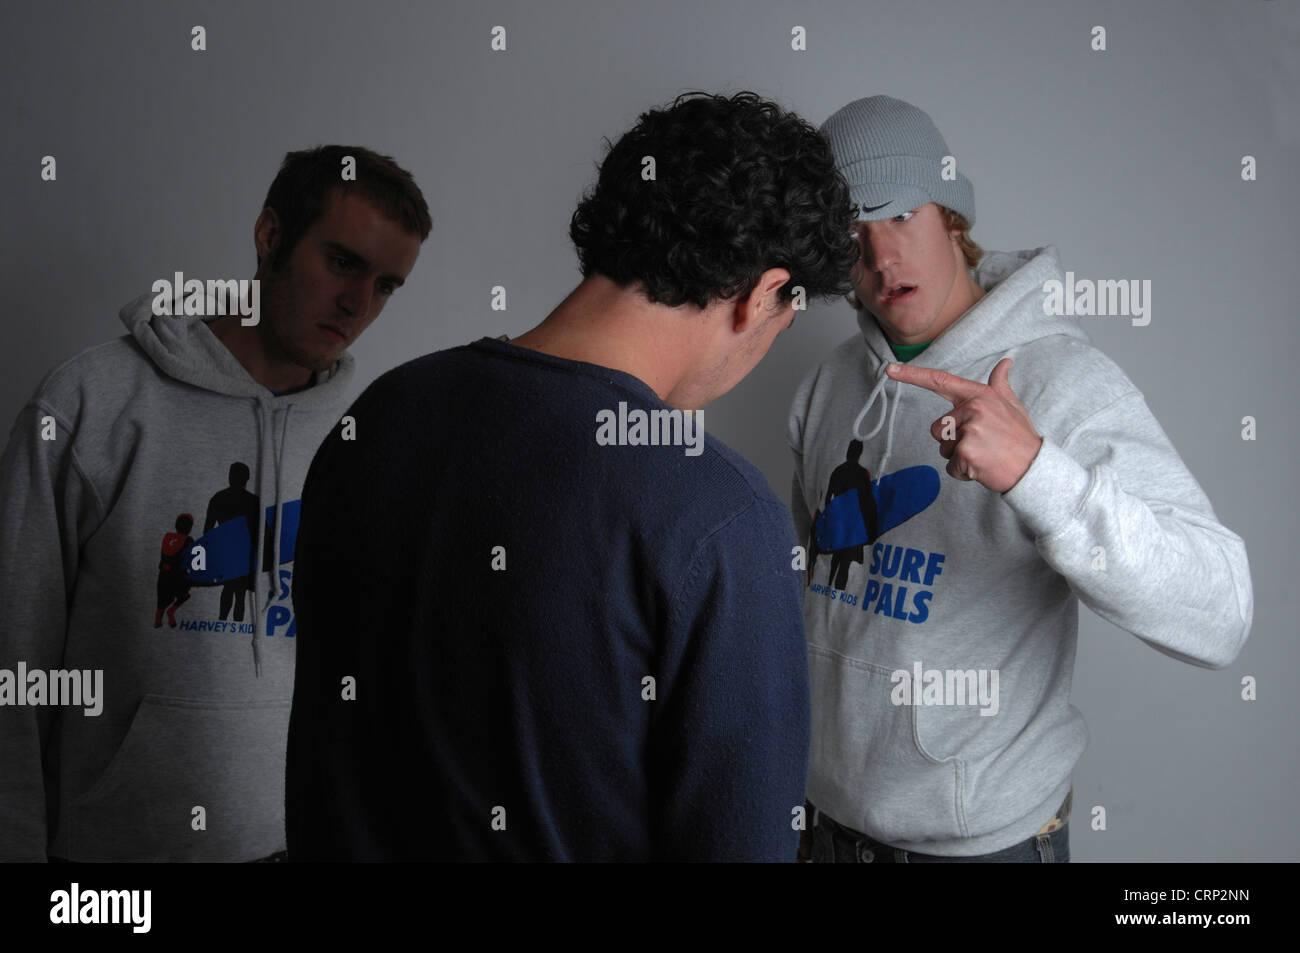 Dos hombres furiosos enfrentar un joven de sexo masculino. Imagen De Stock